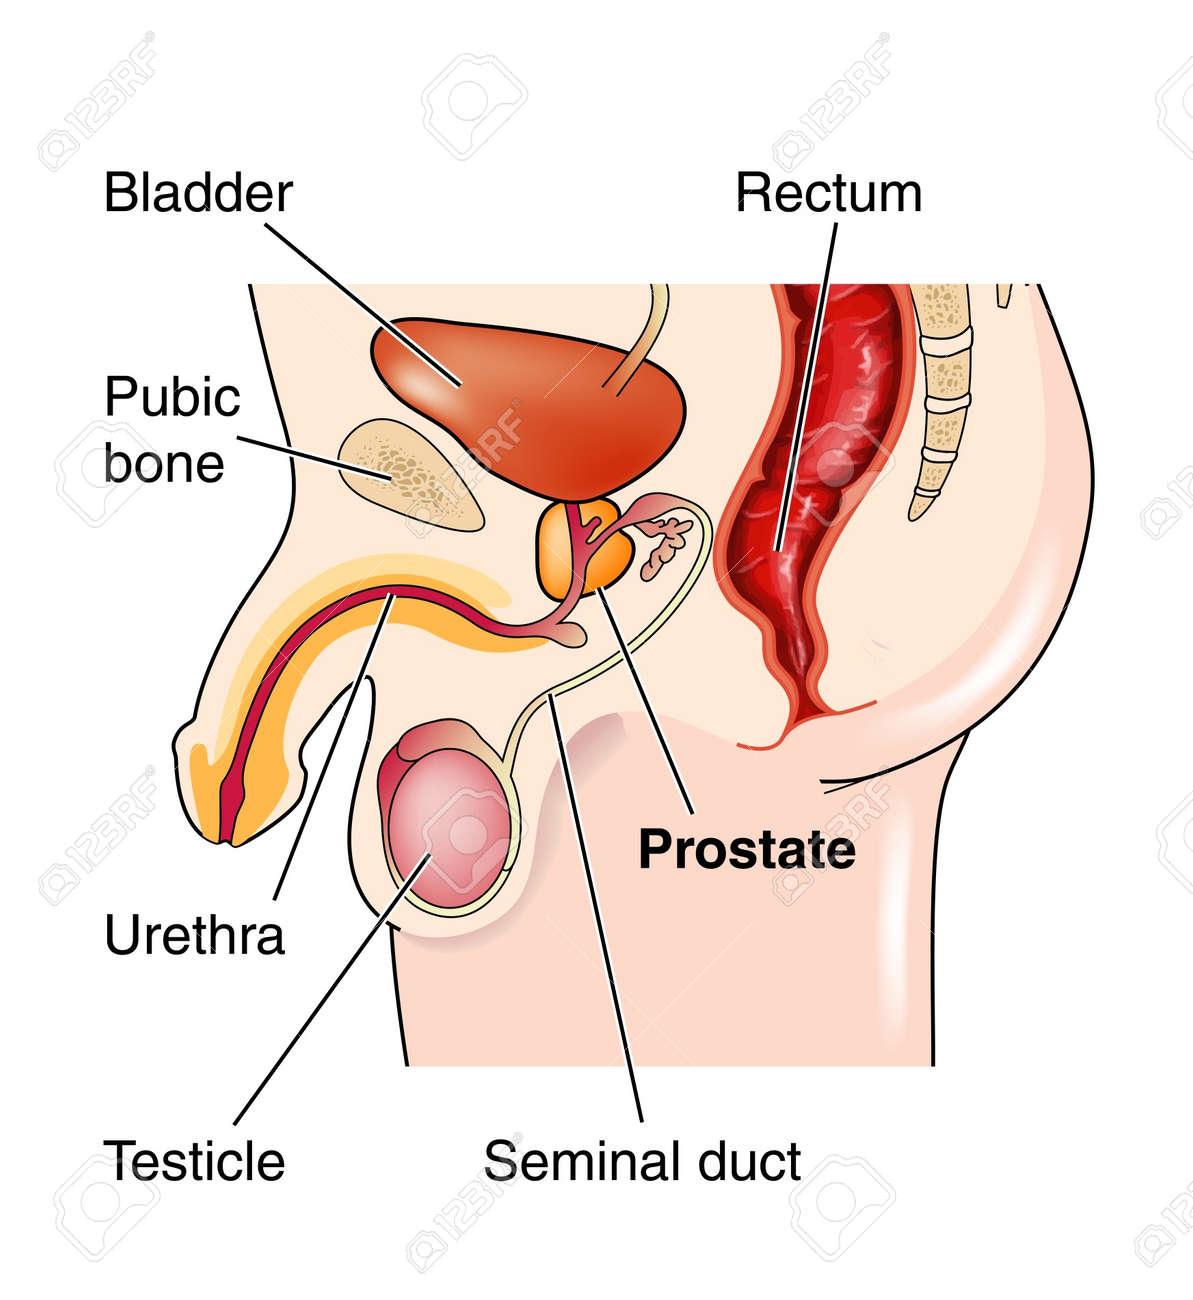 Männliche Genitalien Zeigt Lage Der Prostata Lizenzfrei Nutzbare ...